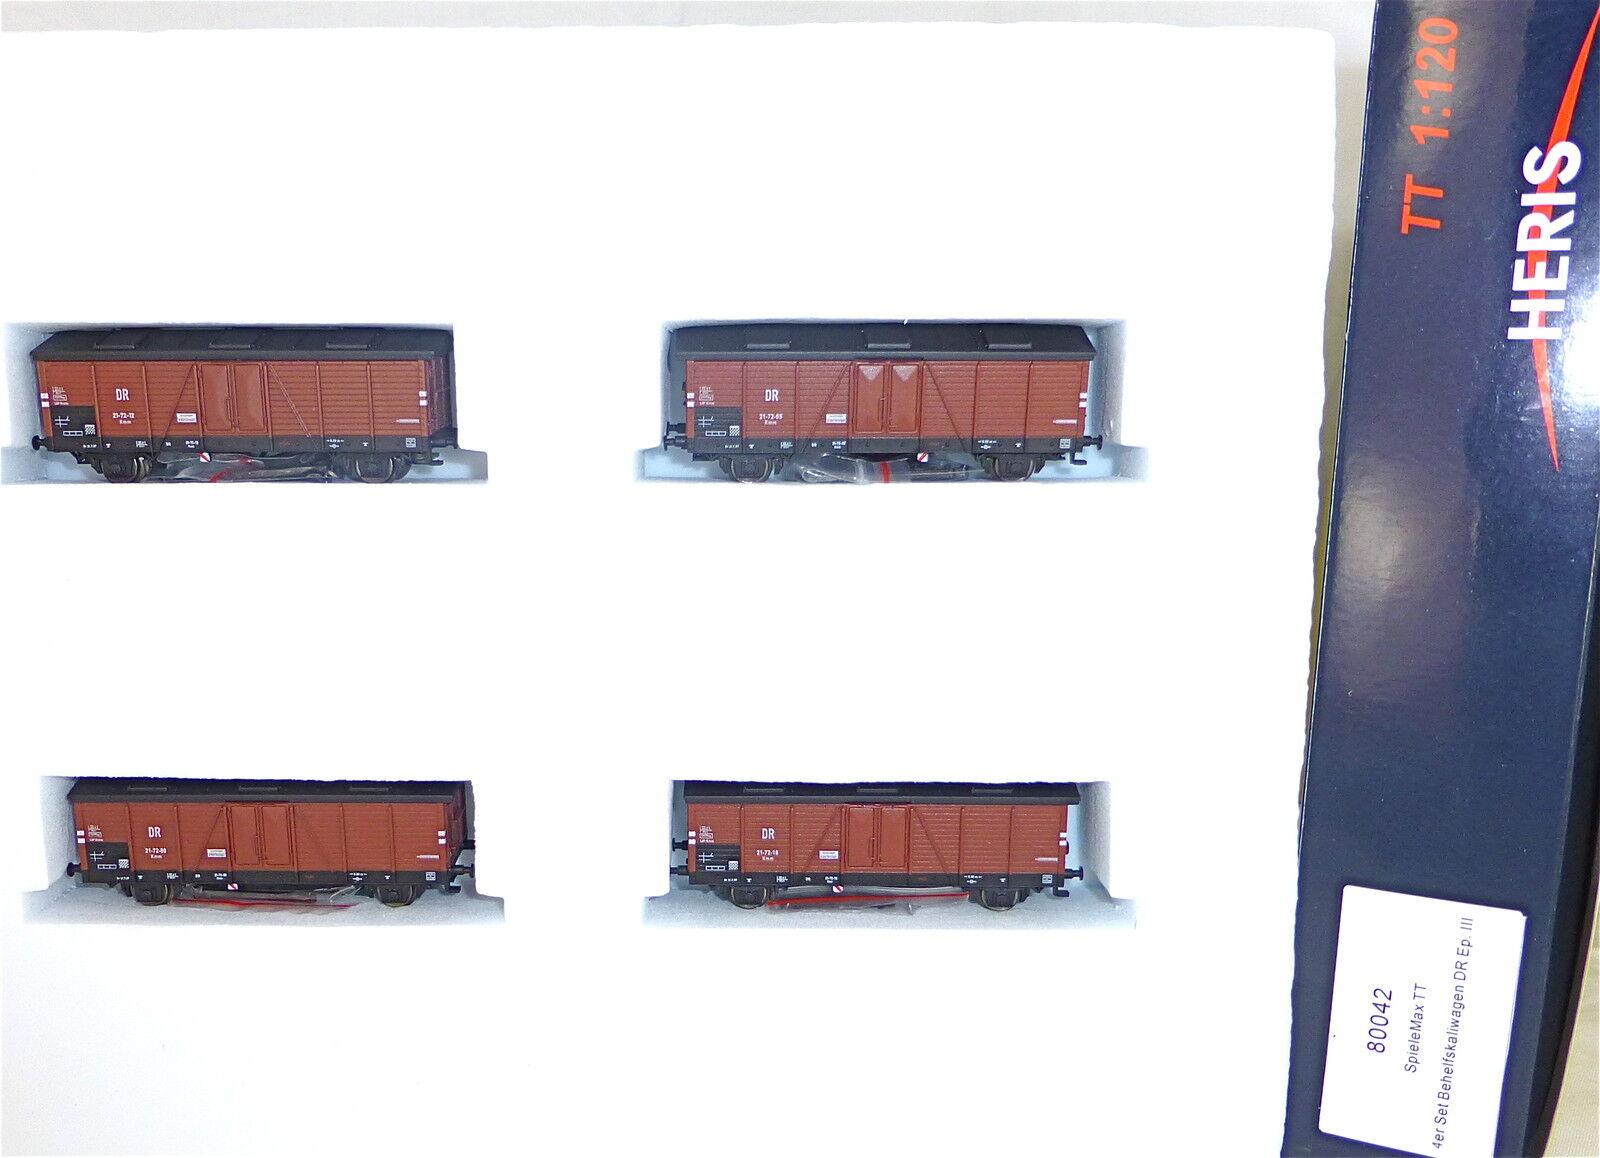 V 240 001 Locomotiva Diesel Dr. Ep3 Dss Piko 71417 Tt 1 120 Confezione Kehren